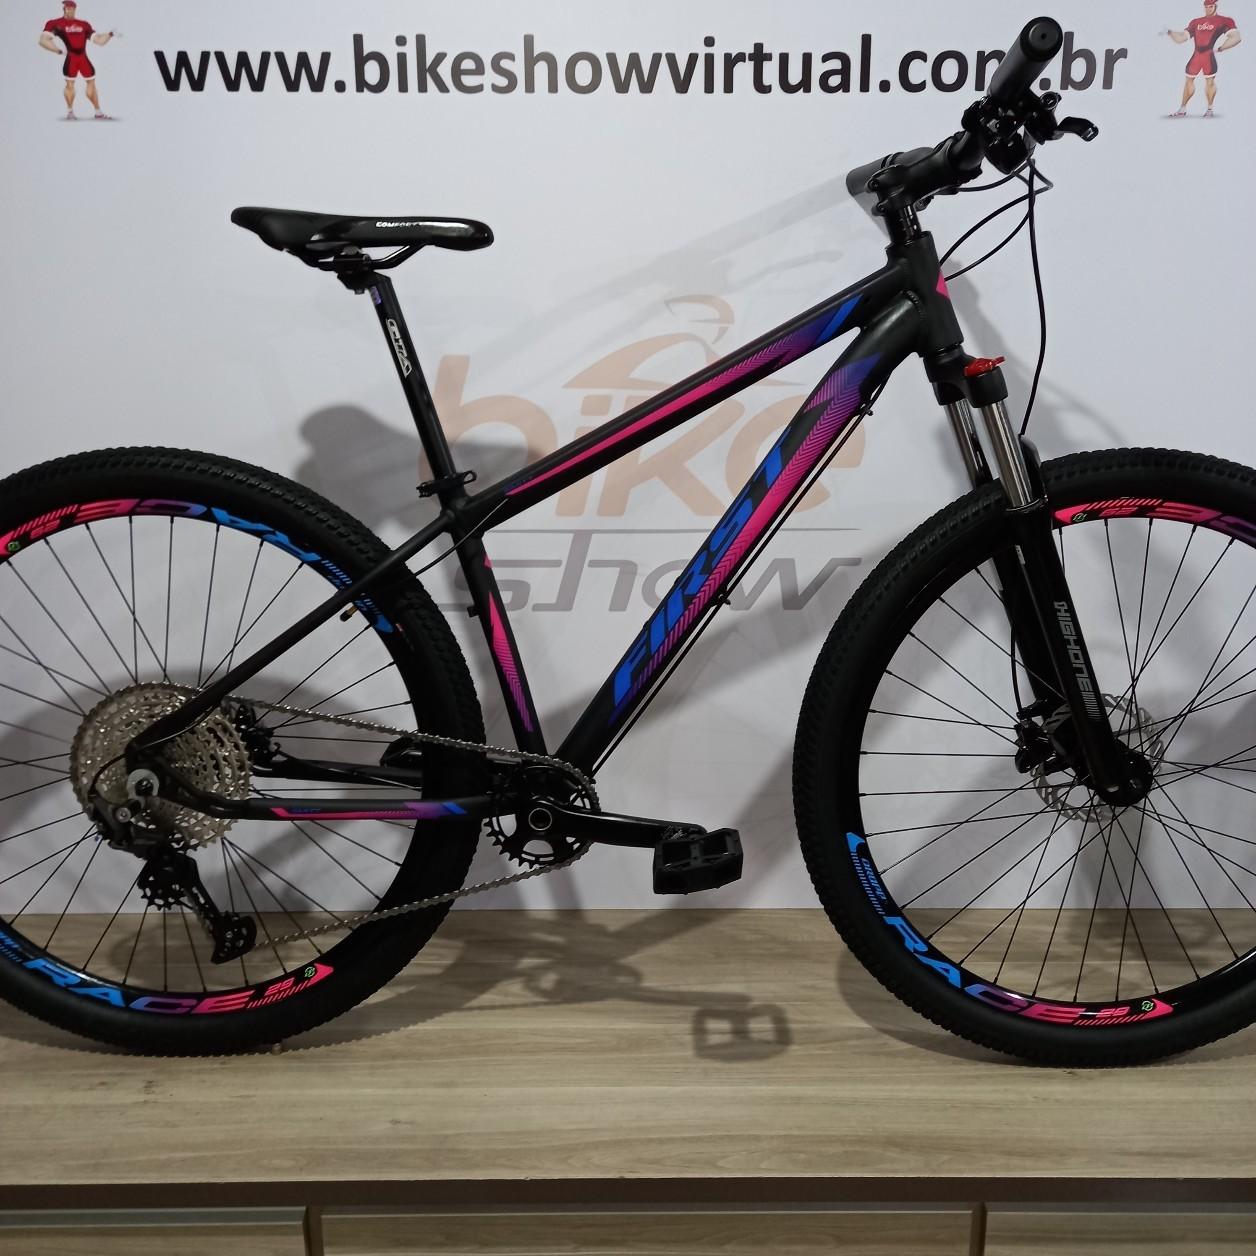 Bicicleta FIRST Smitt aro 29 - 11v Shimano Deore - Freio Shimano Hidráulico - Suspensão High One em alumínio